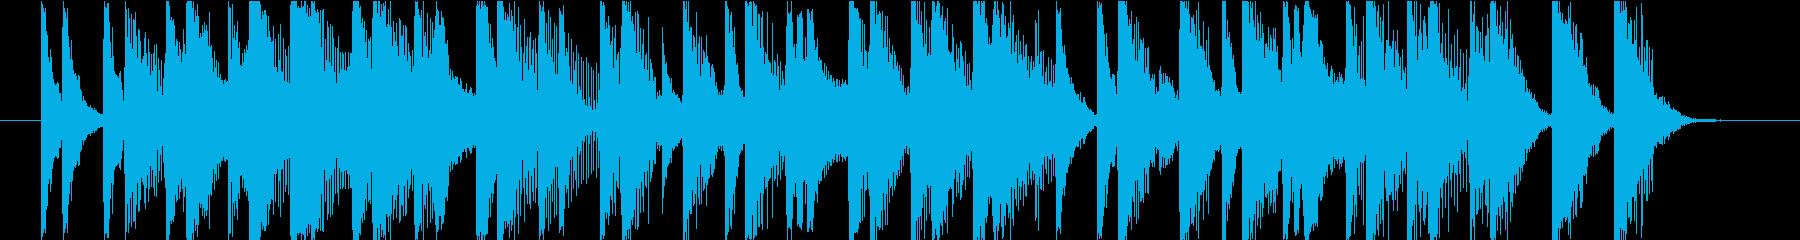 15秒CMの12 和風 お囃子 陽気の再生済みの波形